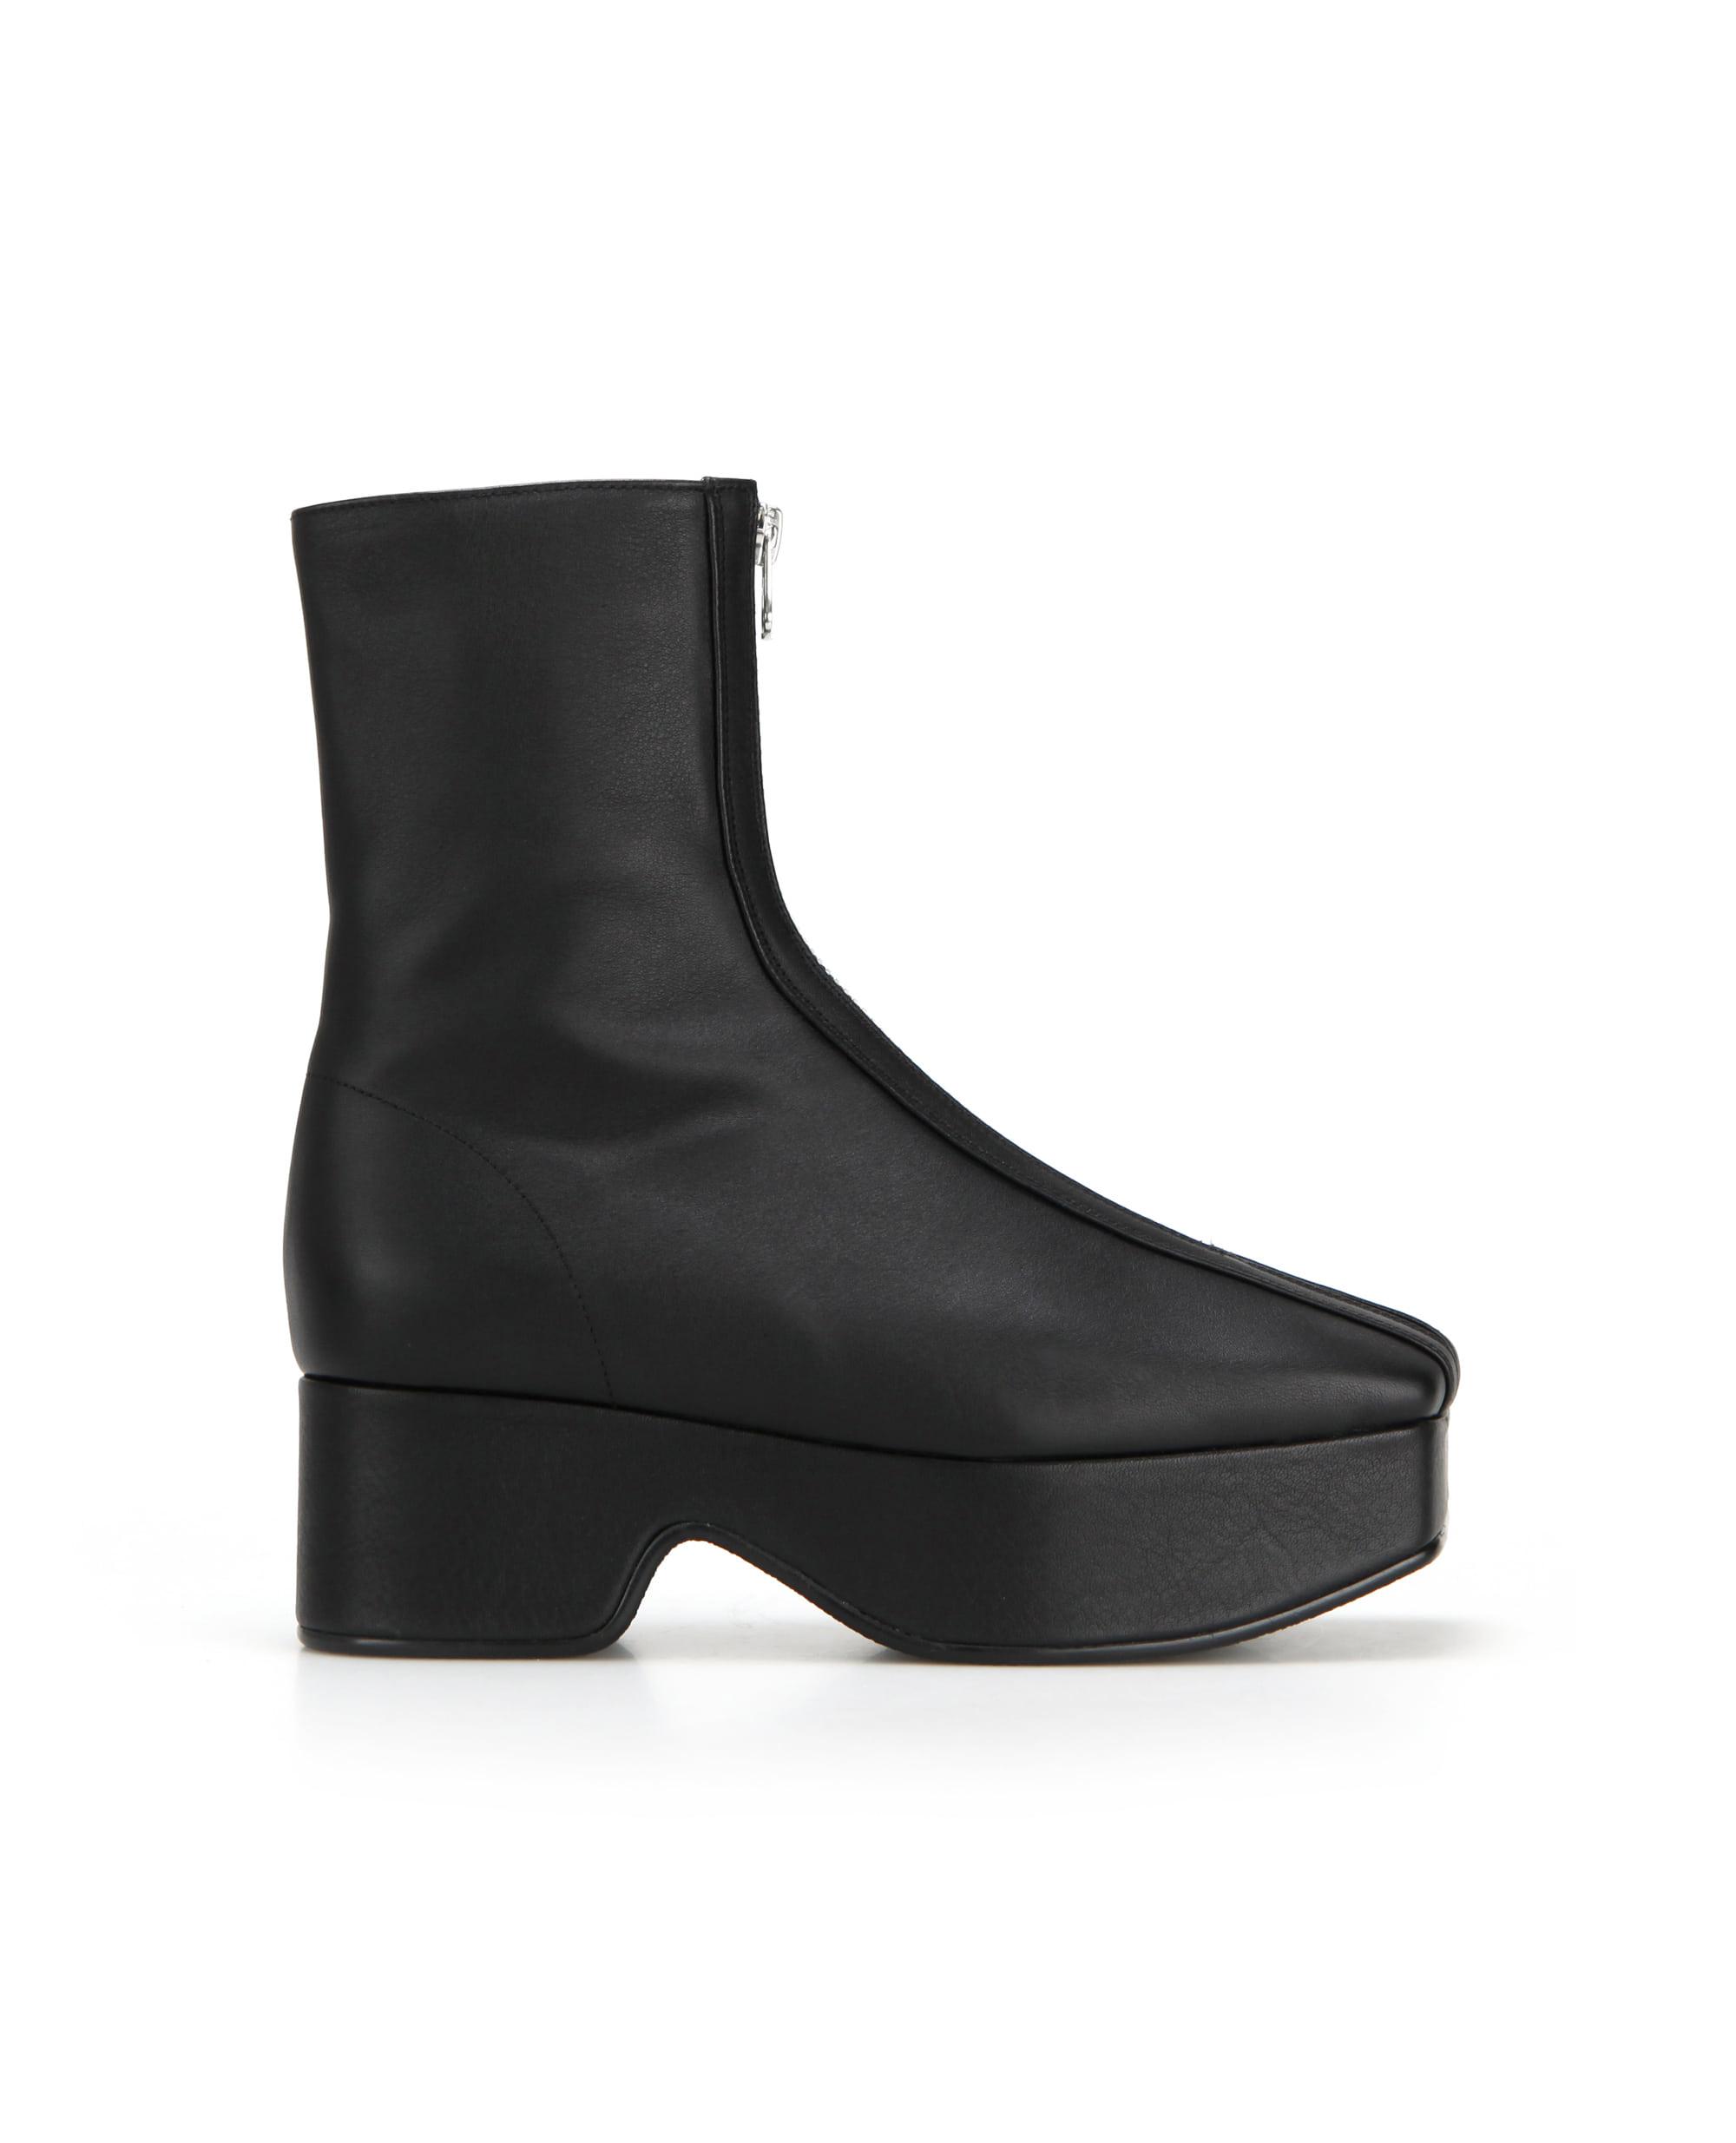 플랫아파트먼트, 부츠, 앵클부츠, 지퍼부츠, 통굽신발, 플랫폼슈즈, 슈즈, 신발, 구두, flatapartment, flat apartment, boots, ankle boots, ankleboots,  zip front boots, platforms, platform shoes, shoes, Seoul fashion, k fashion, flat apartment shoes